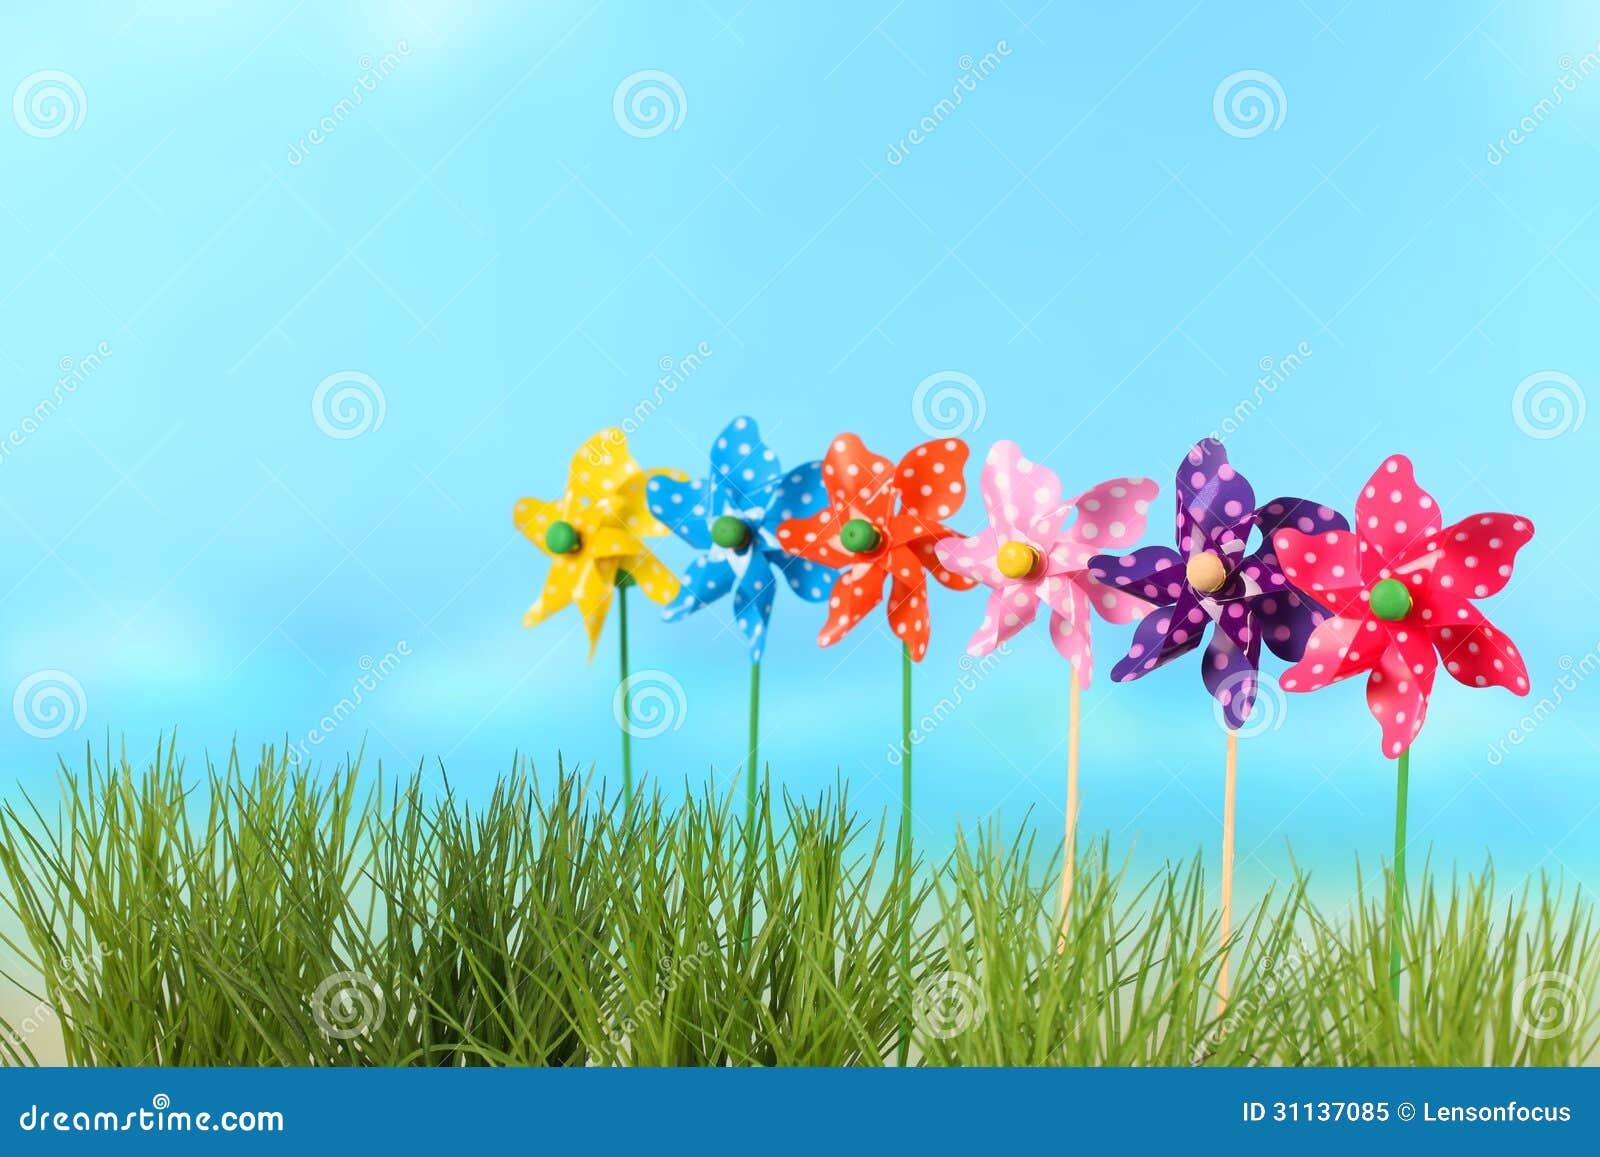 Berühmt Windräder für Kinder stockbild. Bild von blau, spiel - 31137085 DD25